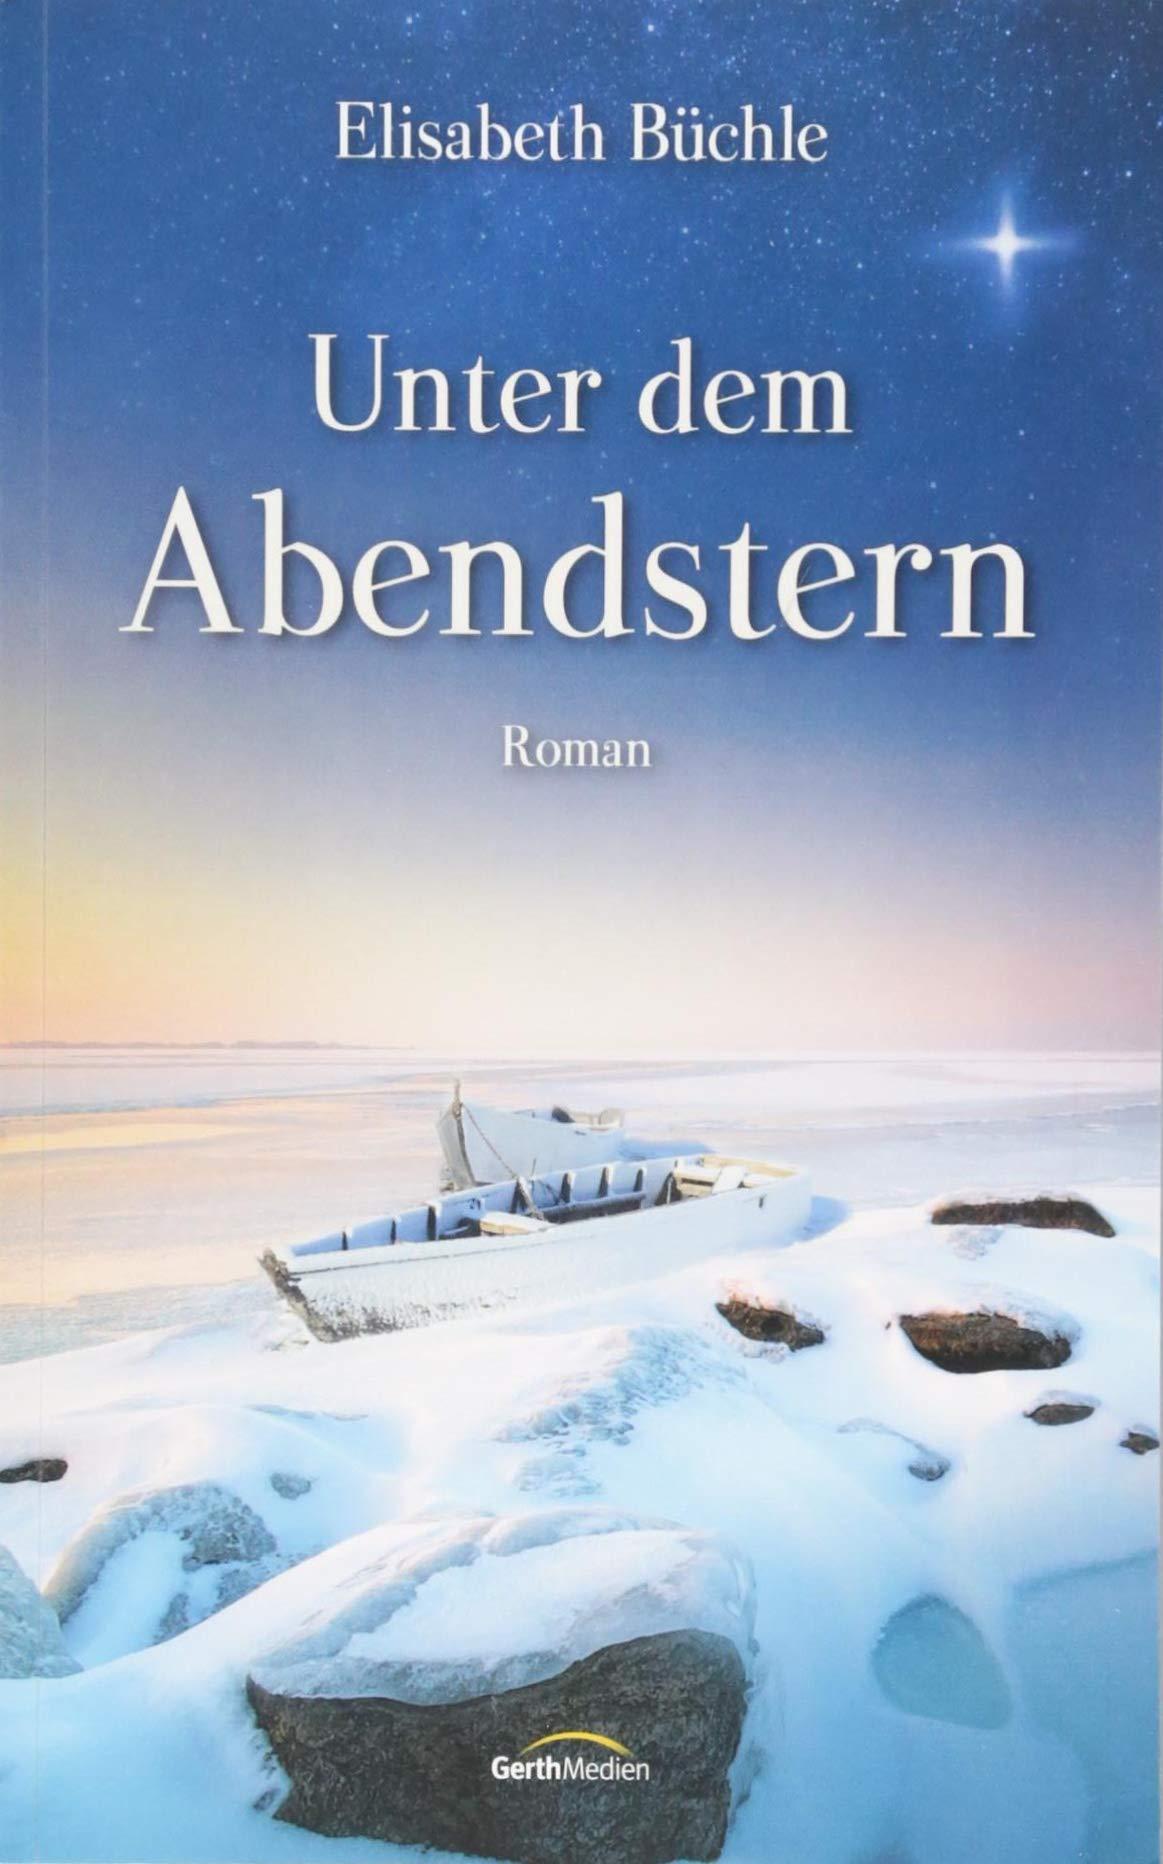 Unter dem Abendstern: Roman: Amazon.de: Elisabeth Büchle: Bücher